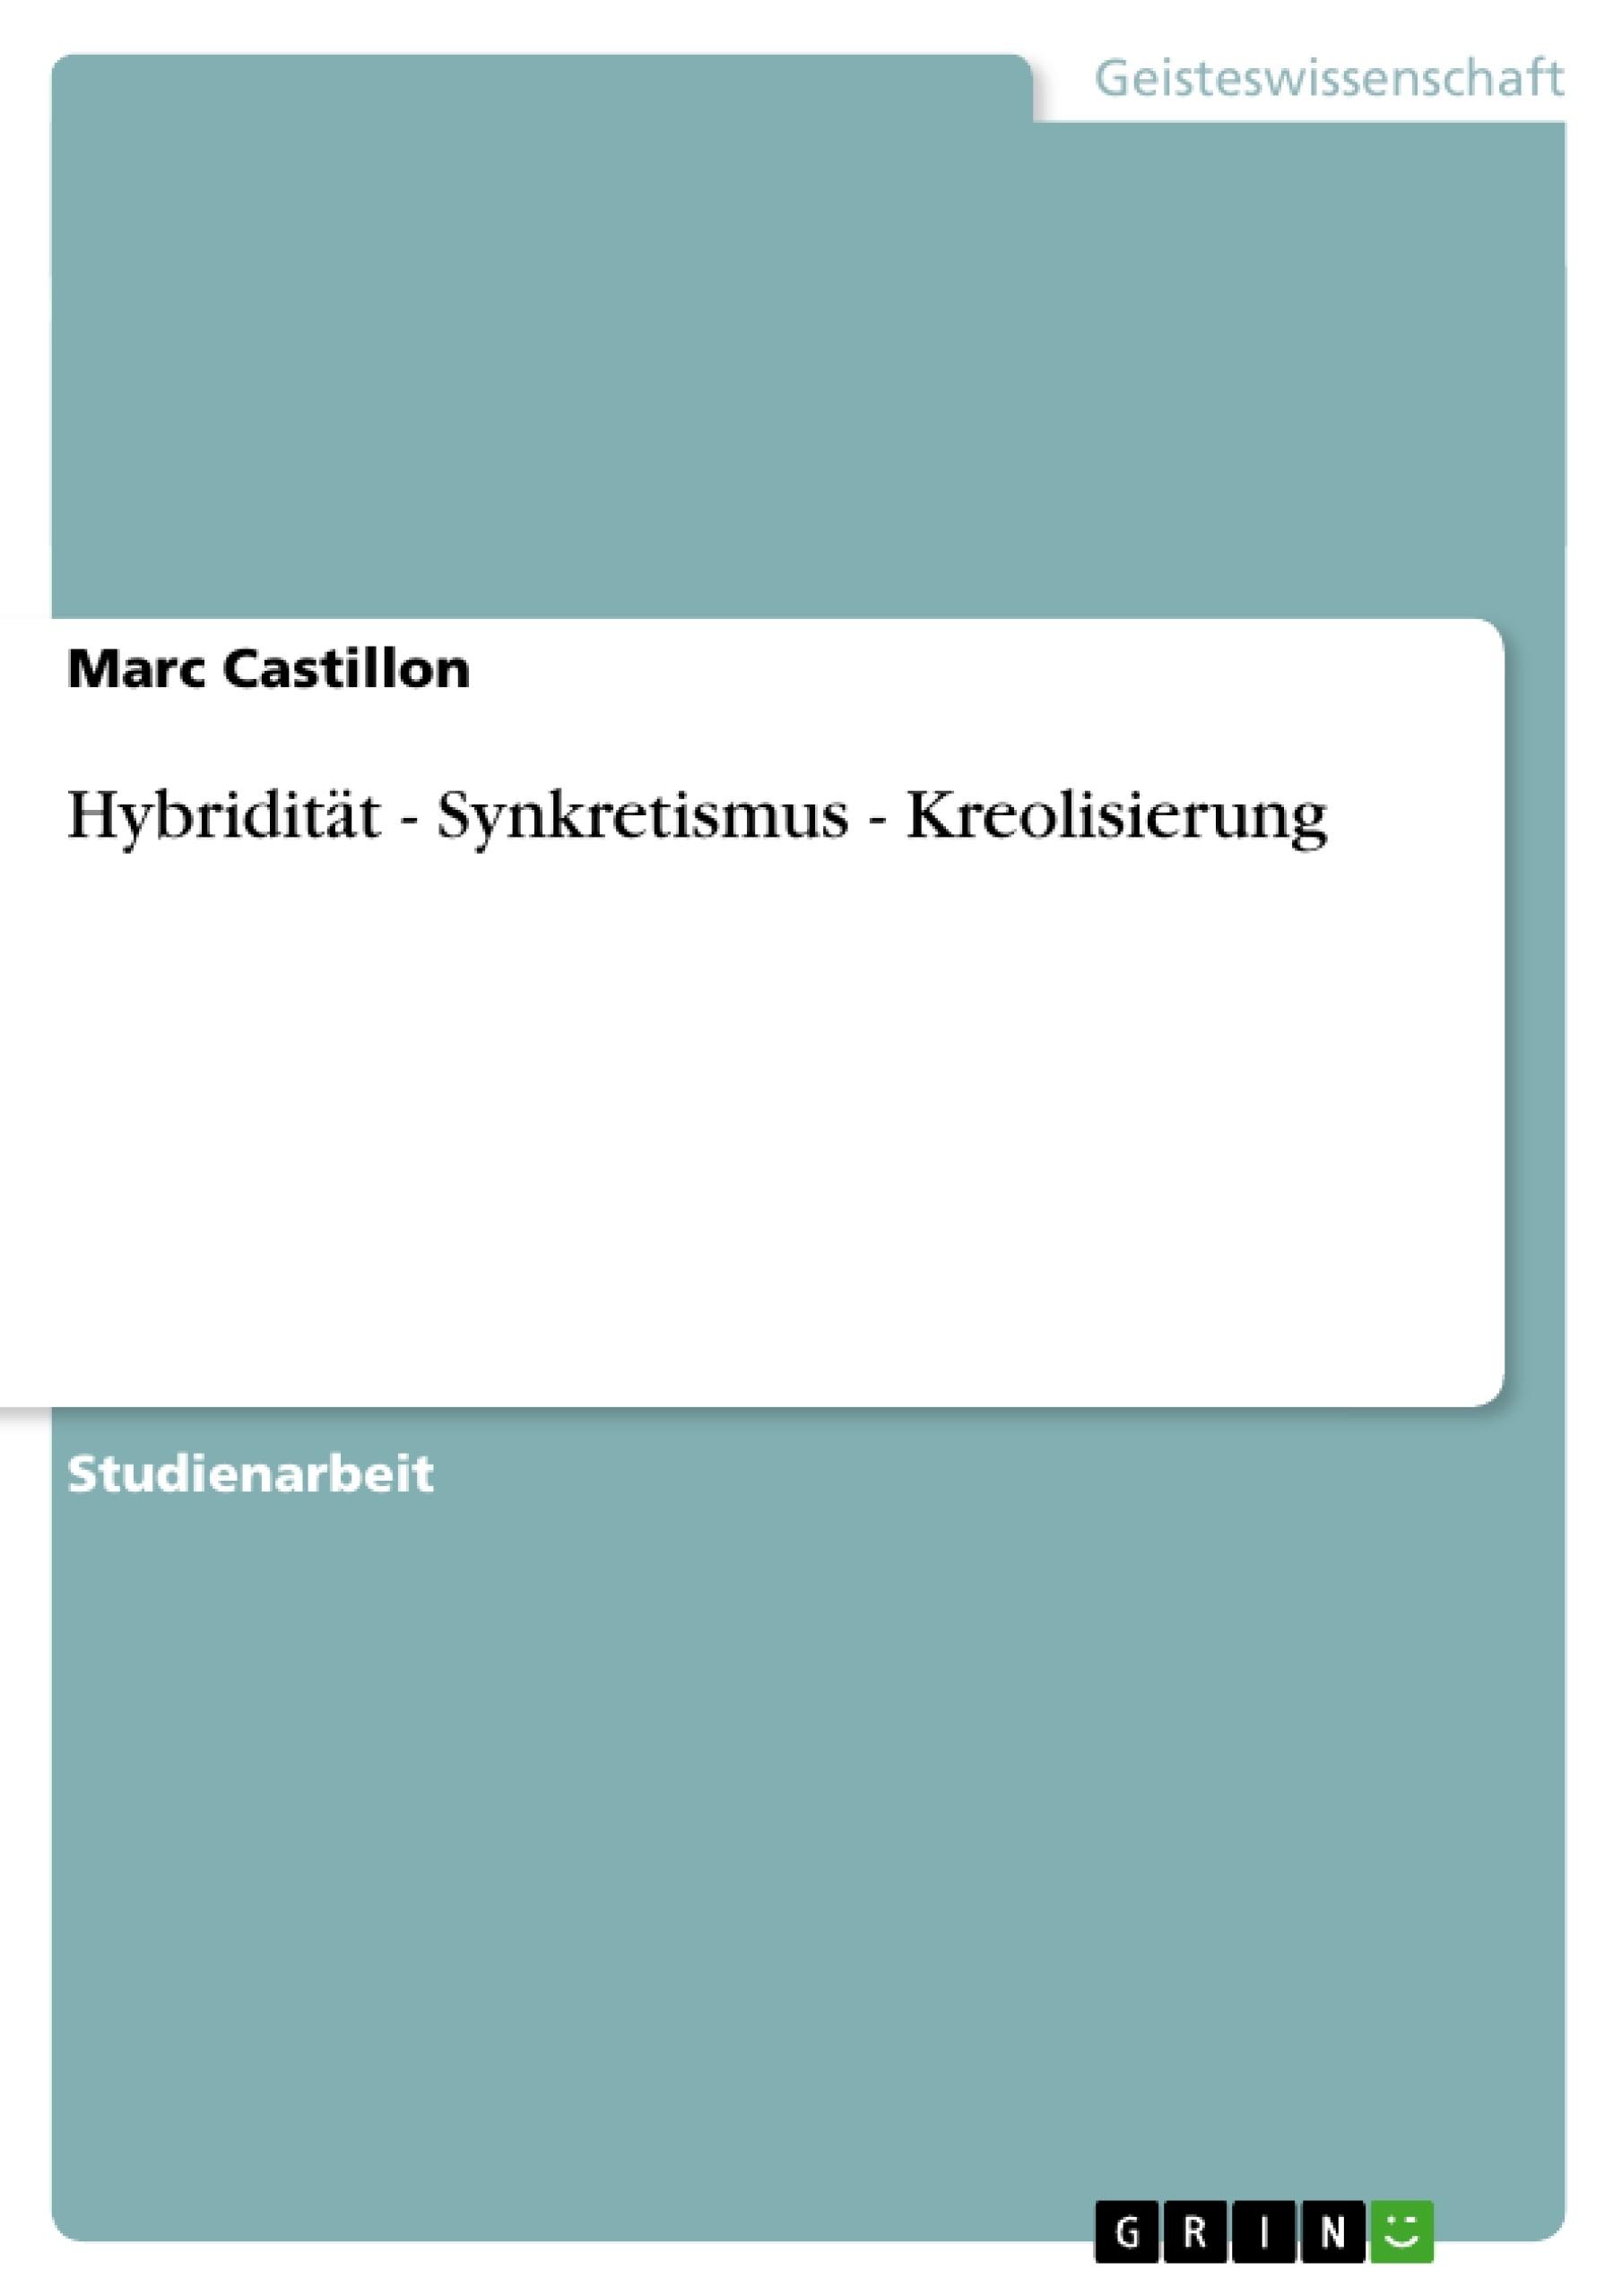 Titel: Hybridität - Synkretismus - Kreolisierung